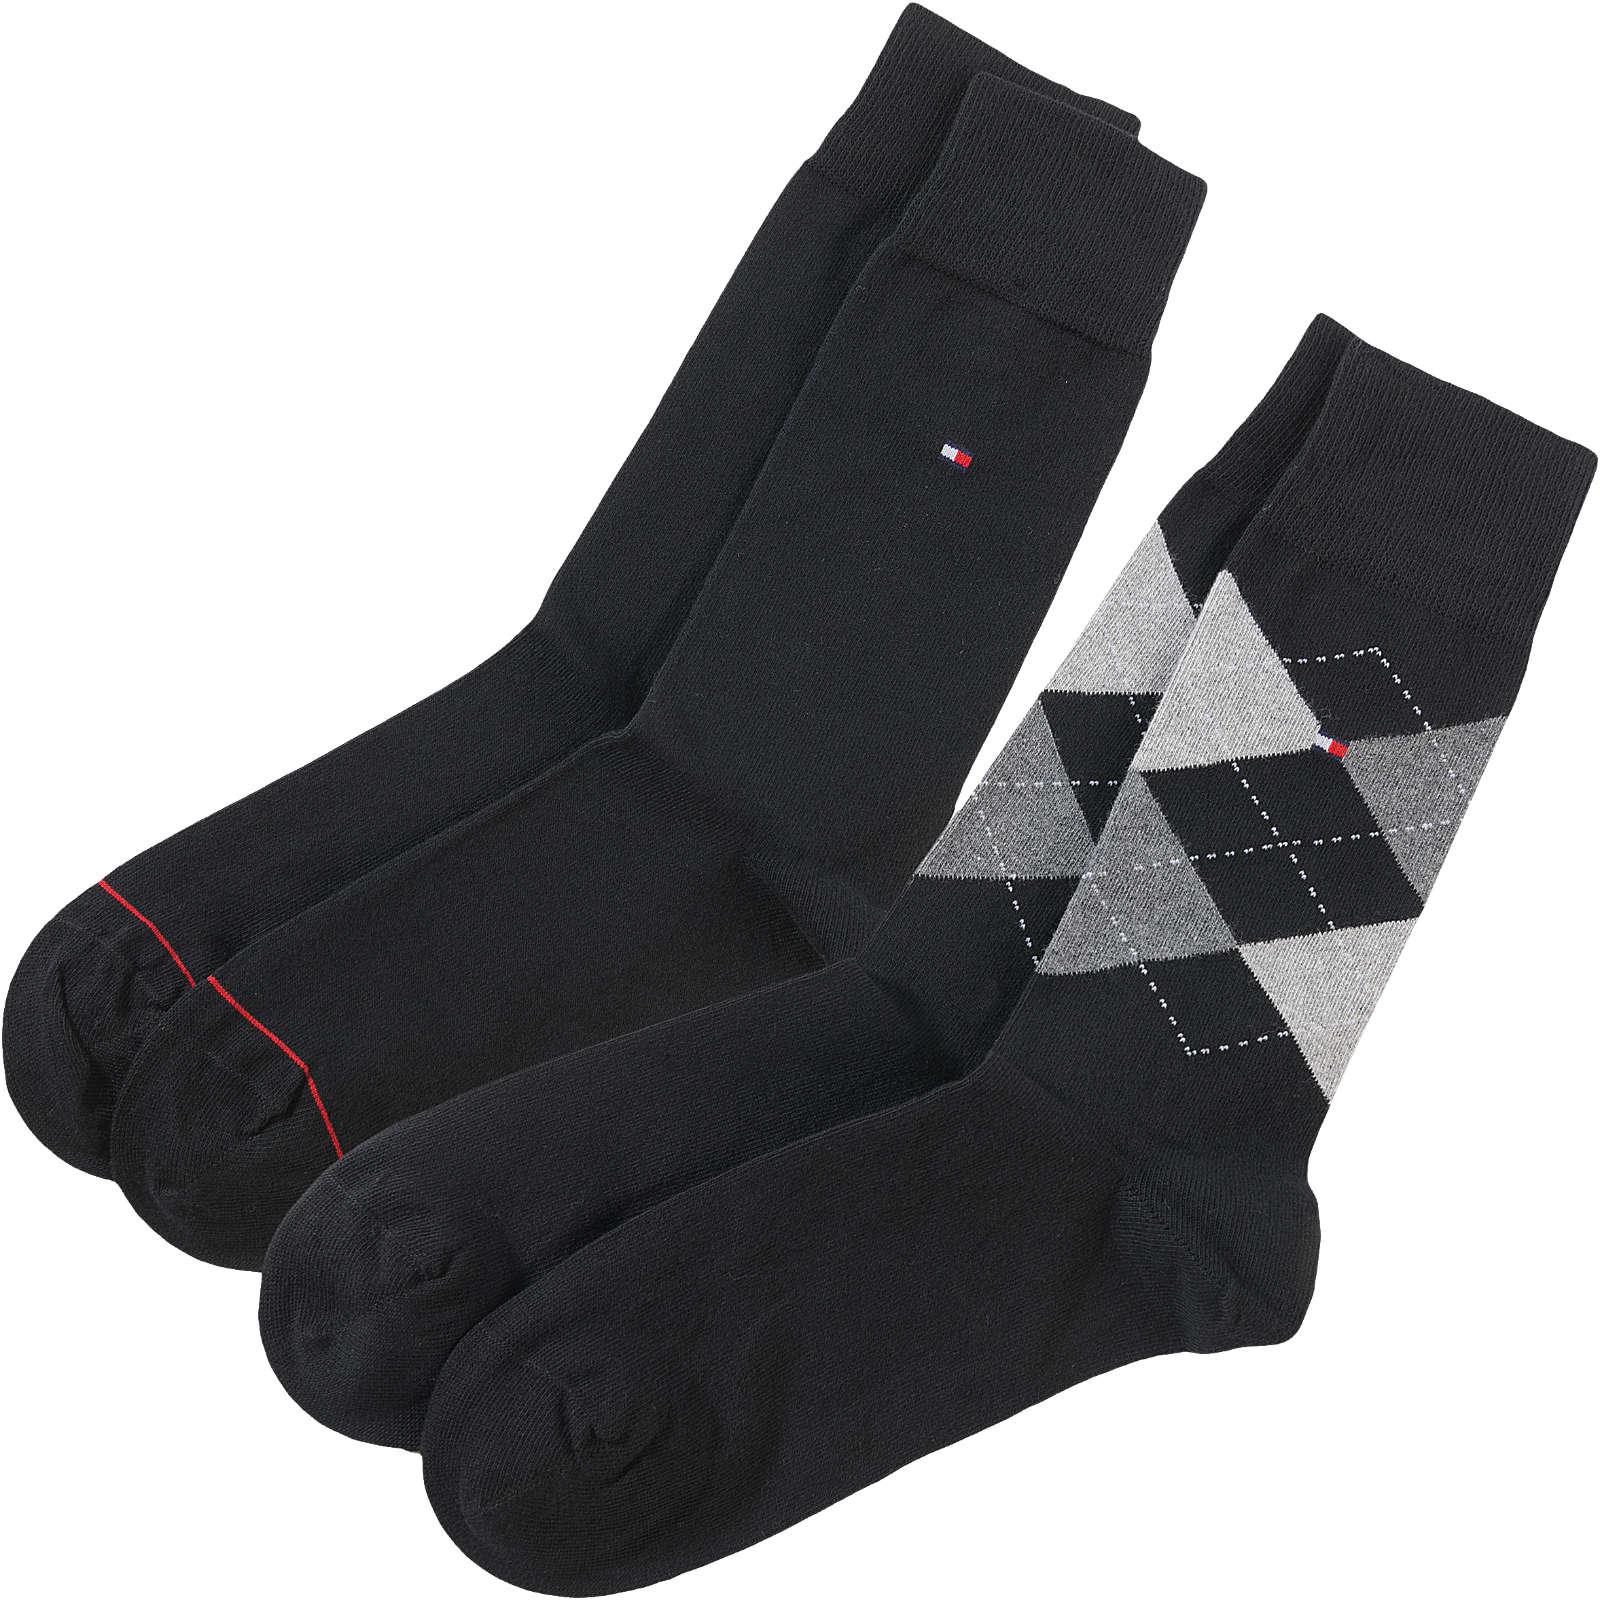 TOMMY HILFIGER 2 Paar Socken schwarz Herren Gr. 39-42